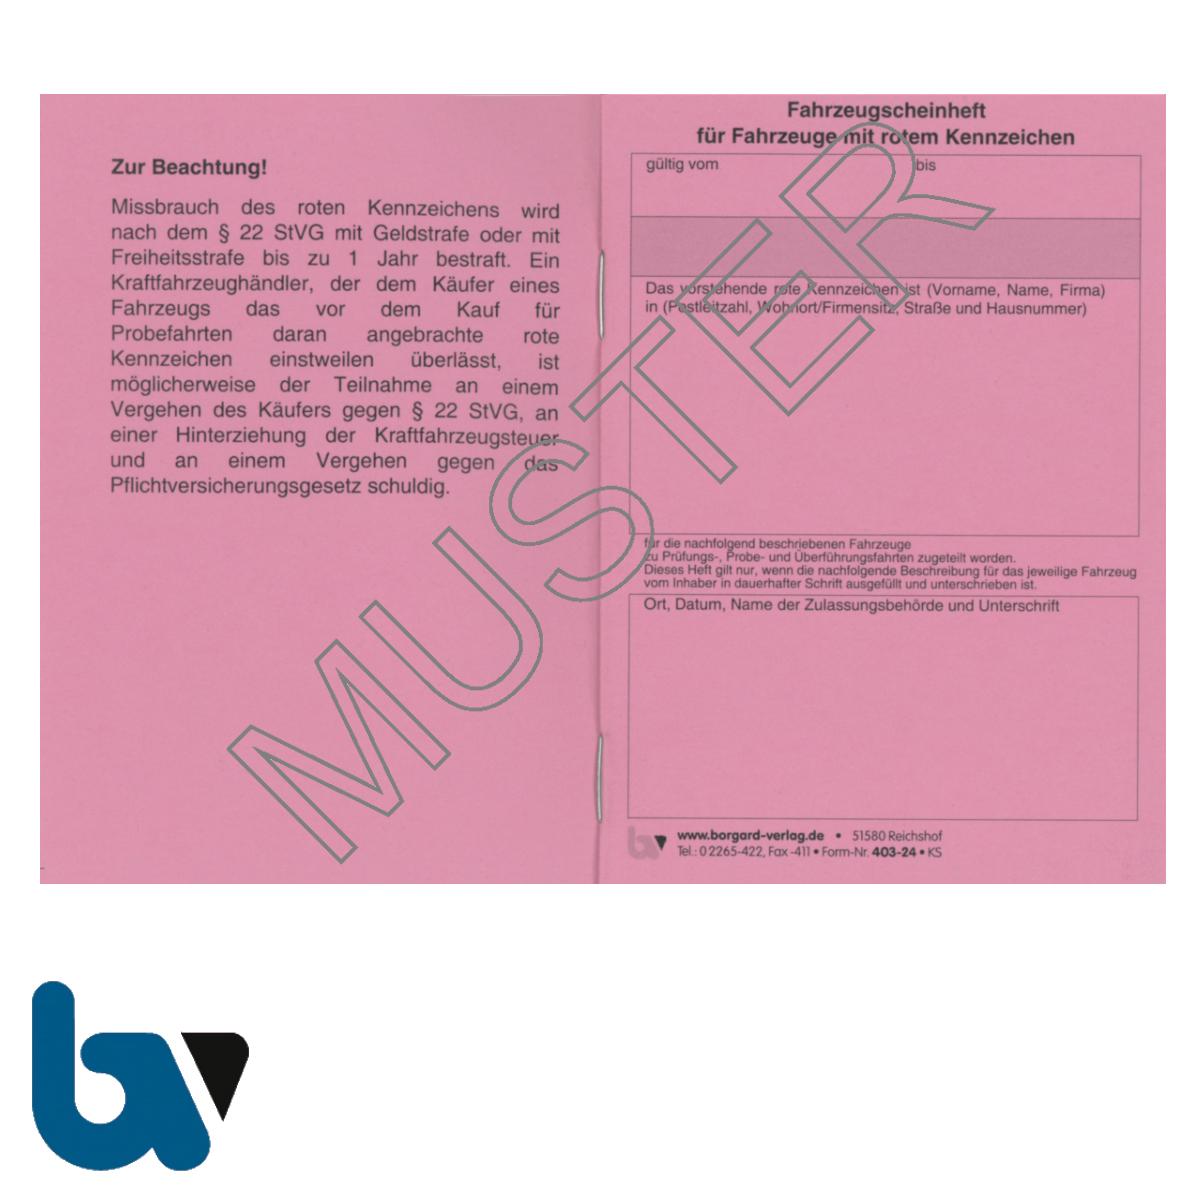 403-24 Fahrzeugscheinheft rot Kennzeichen §16 Anlage 9 FZV Fahrzeug Zulassungsverordnung Neobond rosa DIN A7 Seite 1 | Borgard Verlag GmbH